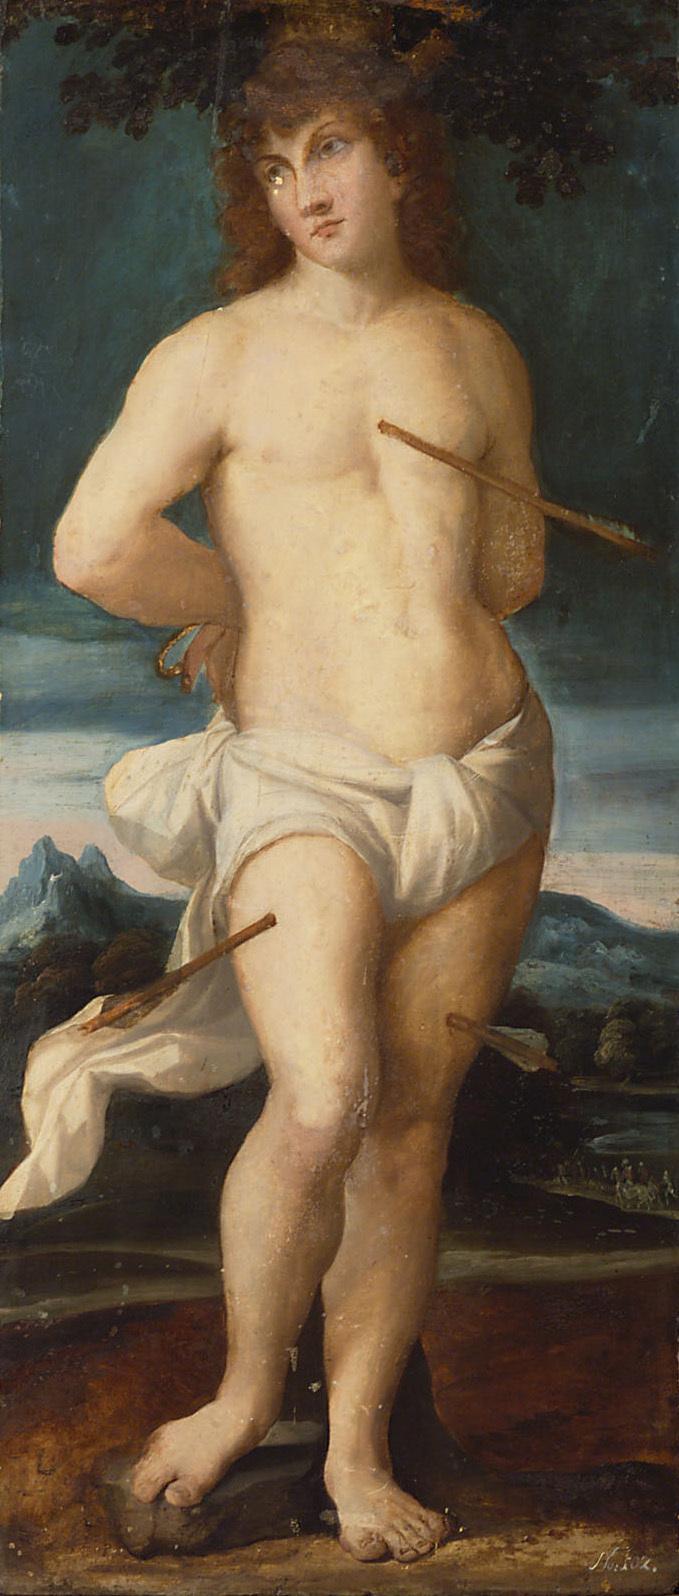 Hl. Sebastian von Jacopo Negretti, gen. Palma il Vecchio